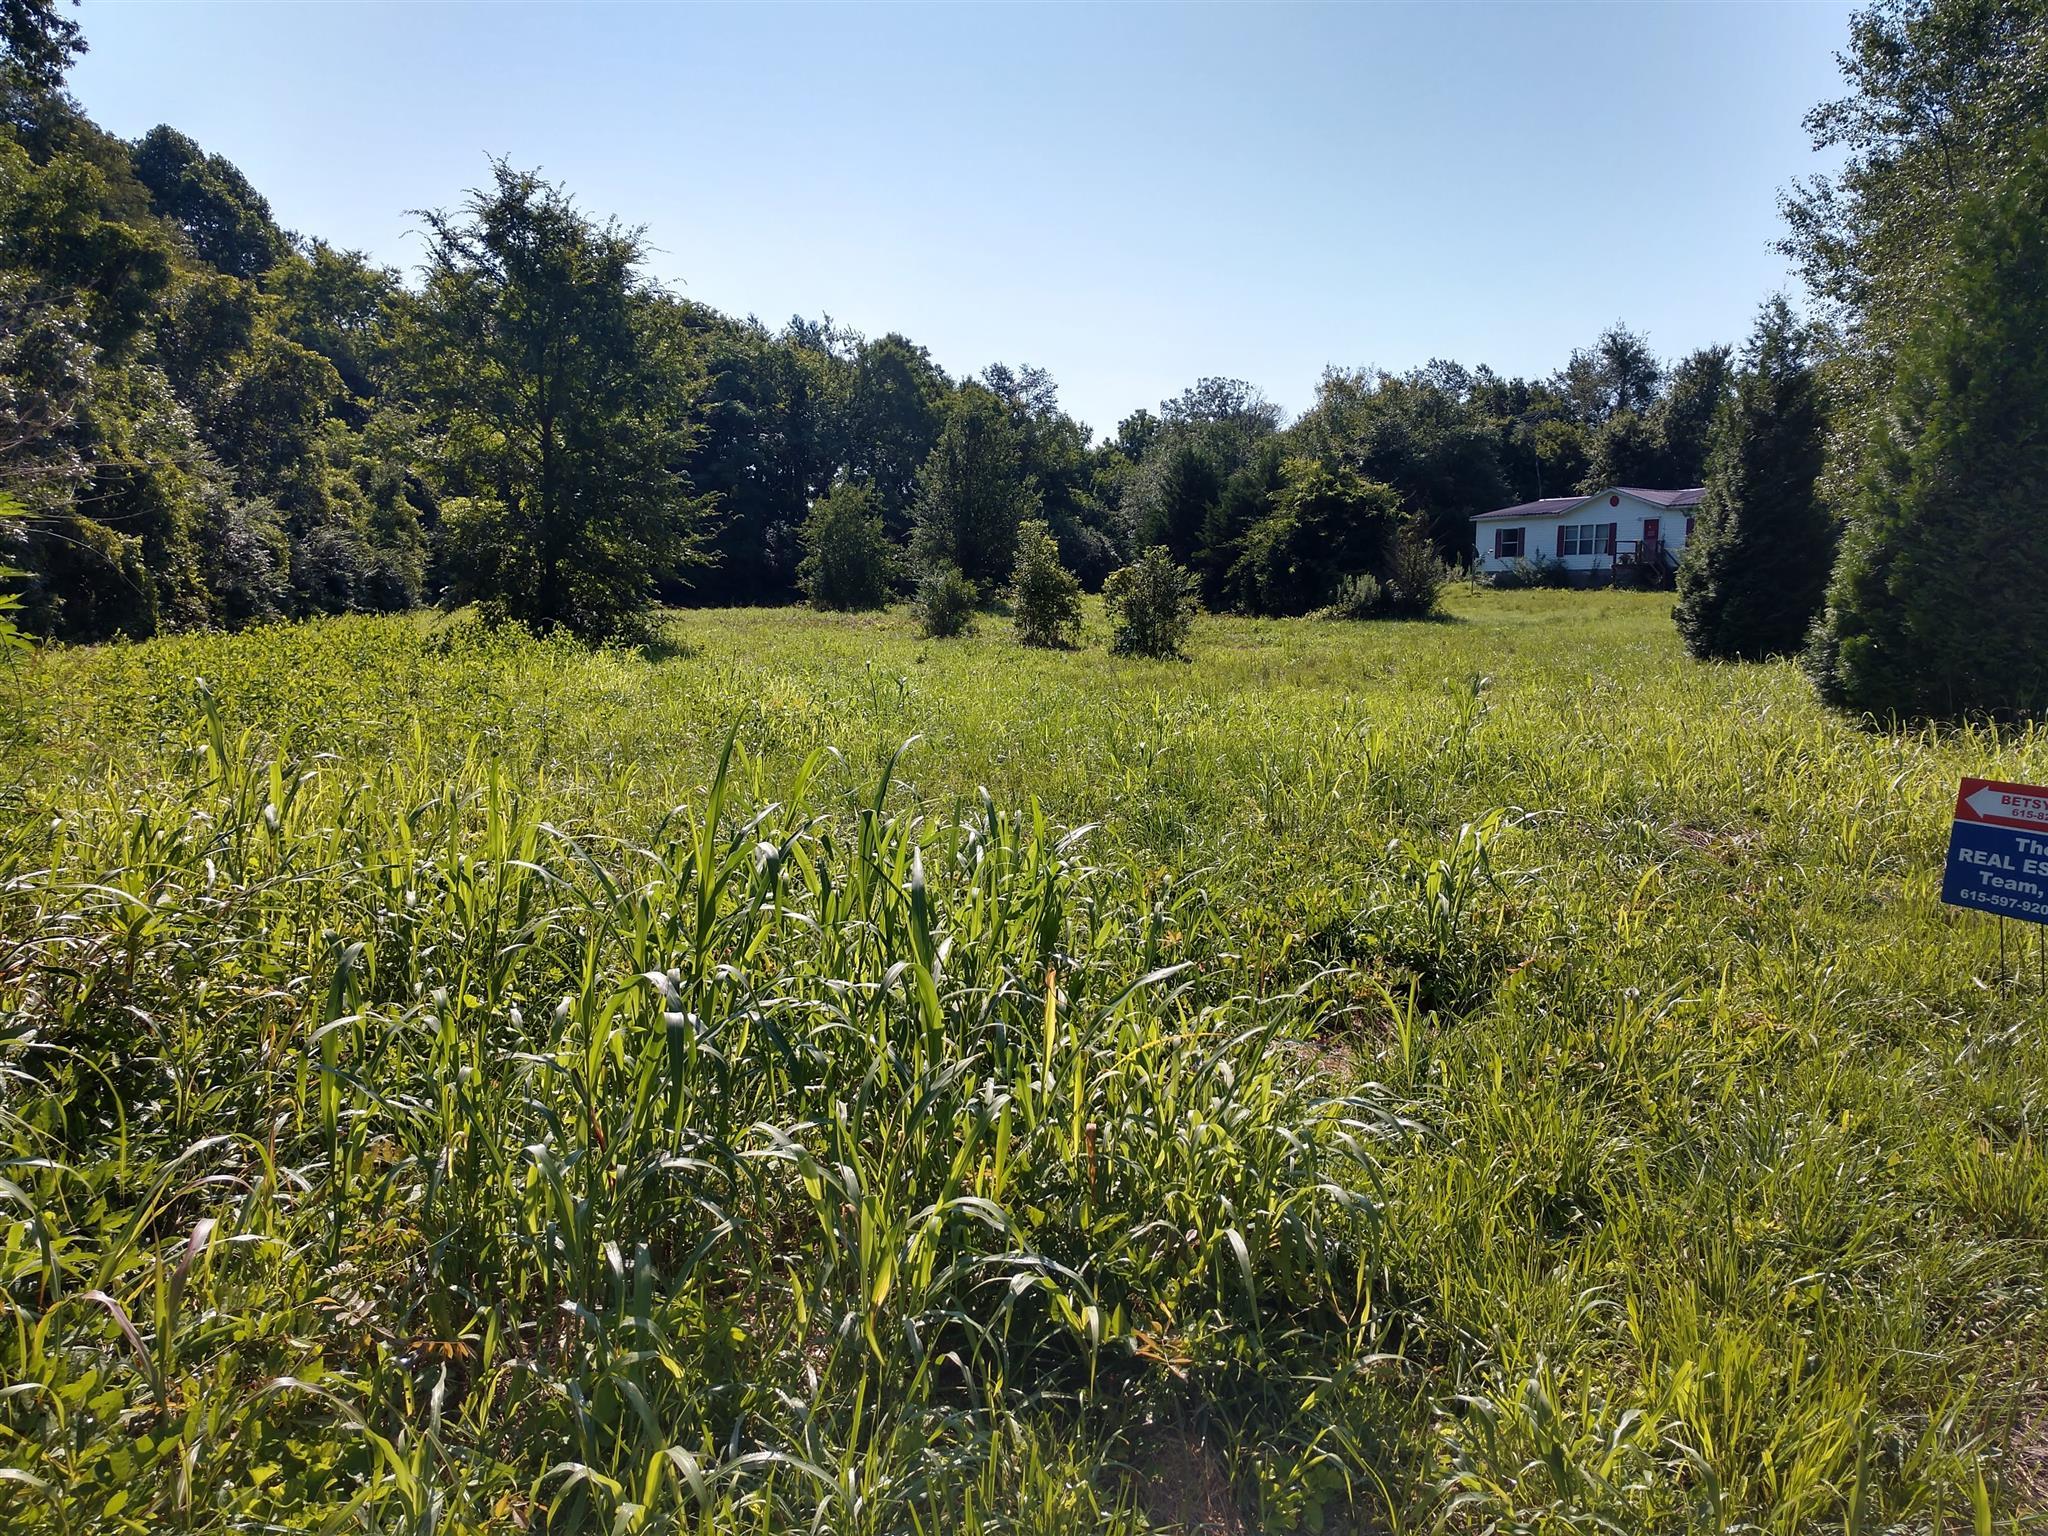 698 Meridian Dr, Smithville, TN 37166 - Smithville, TN real estate listing